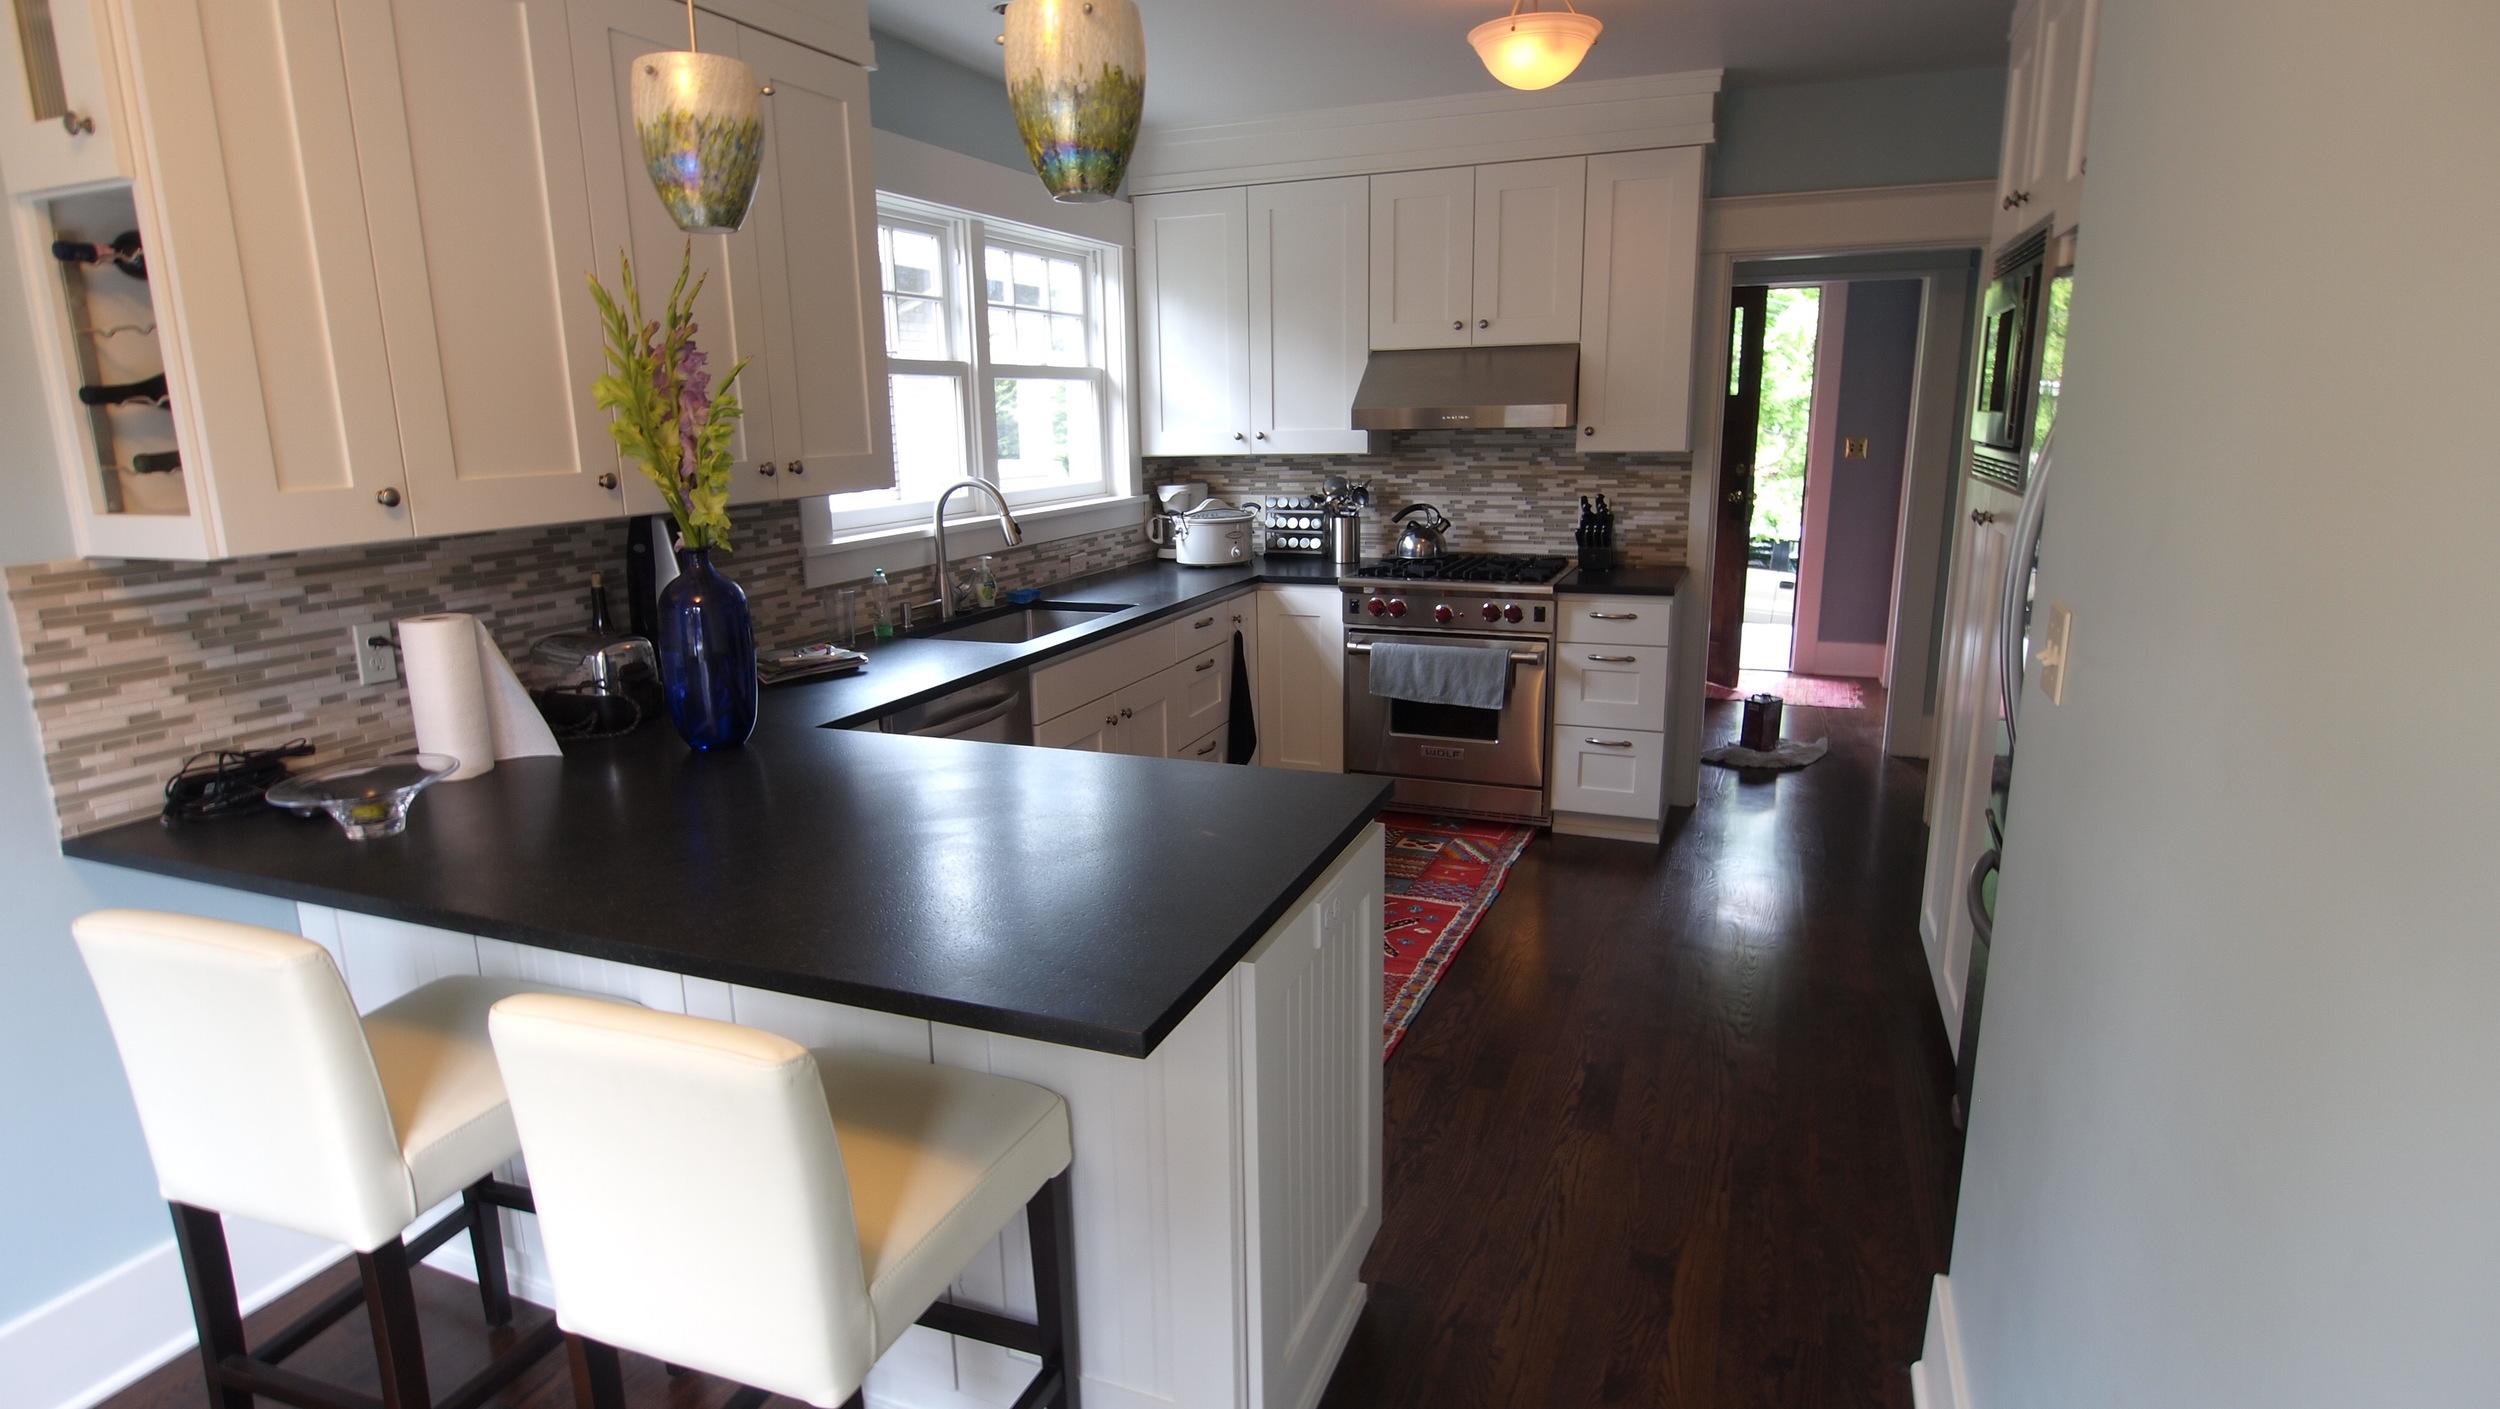 1Ballard kitchen1.jpg